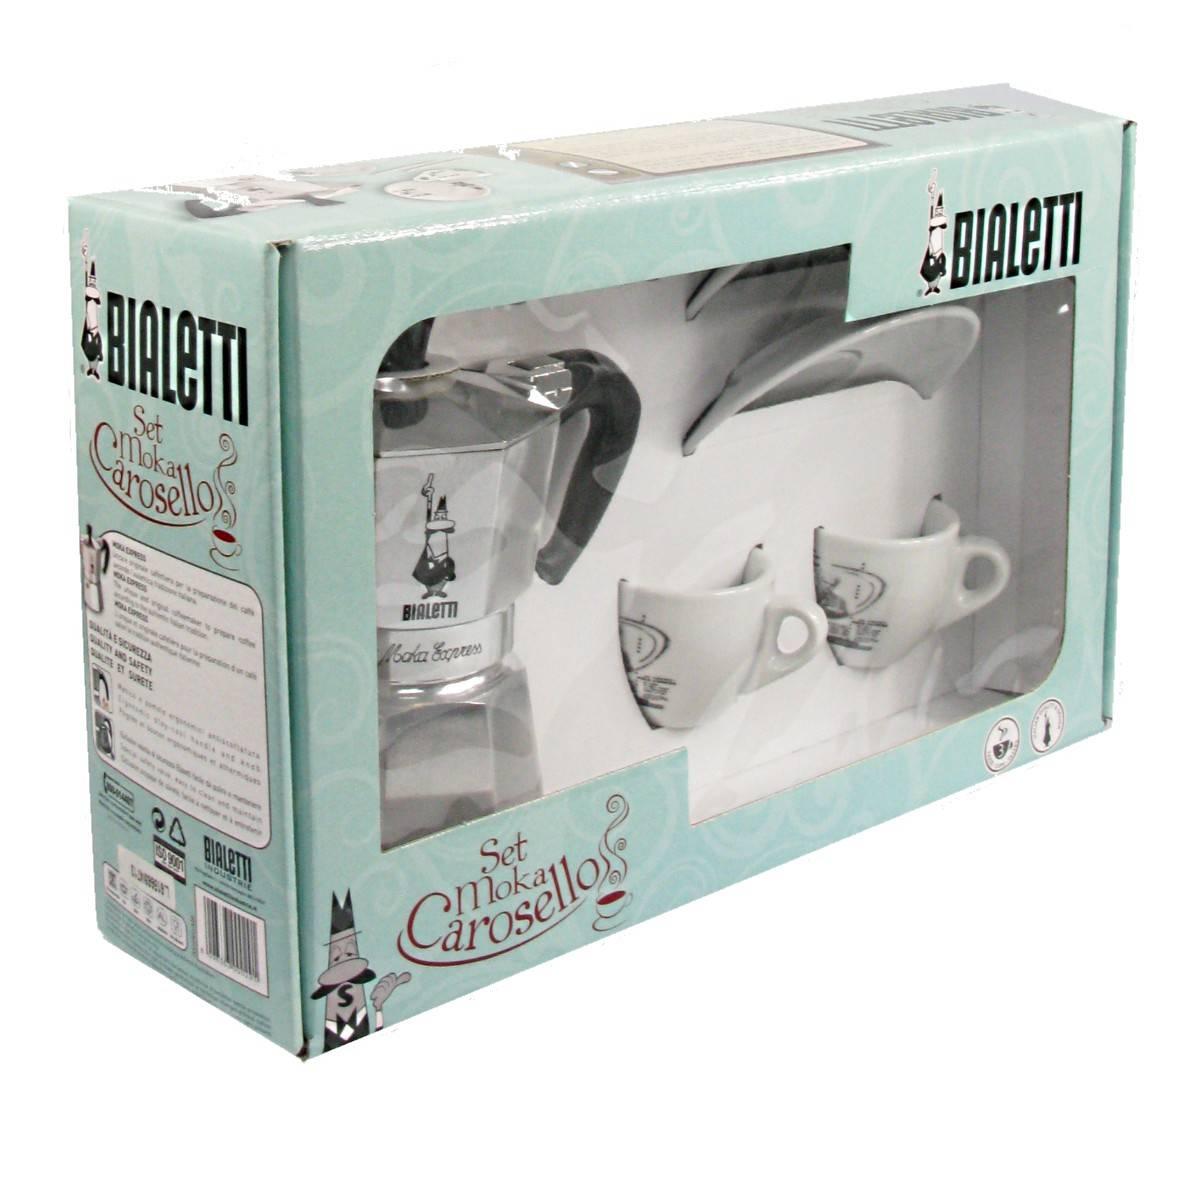 Bialetti dárková sada Carosello: Moka Express + 2 šálky na kávu - Bialetti + dárek k nákupu